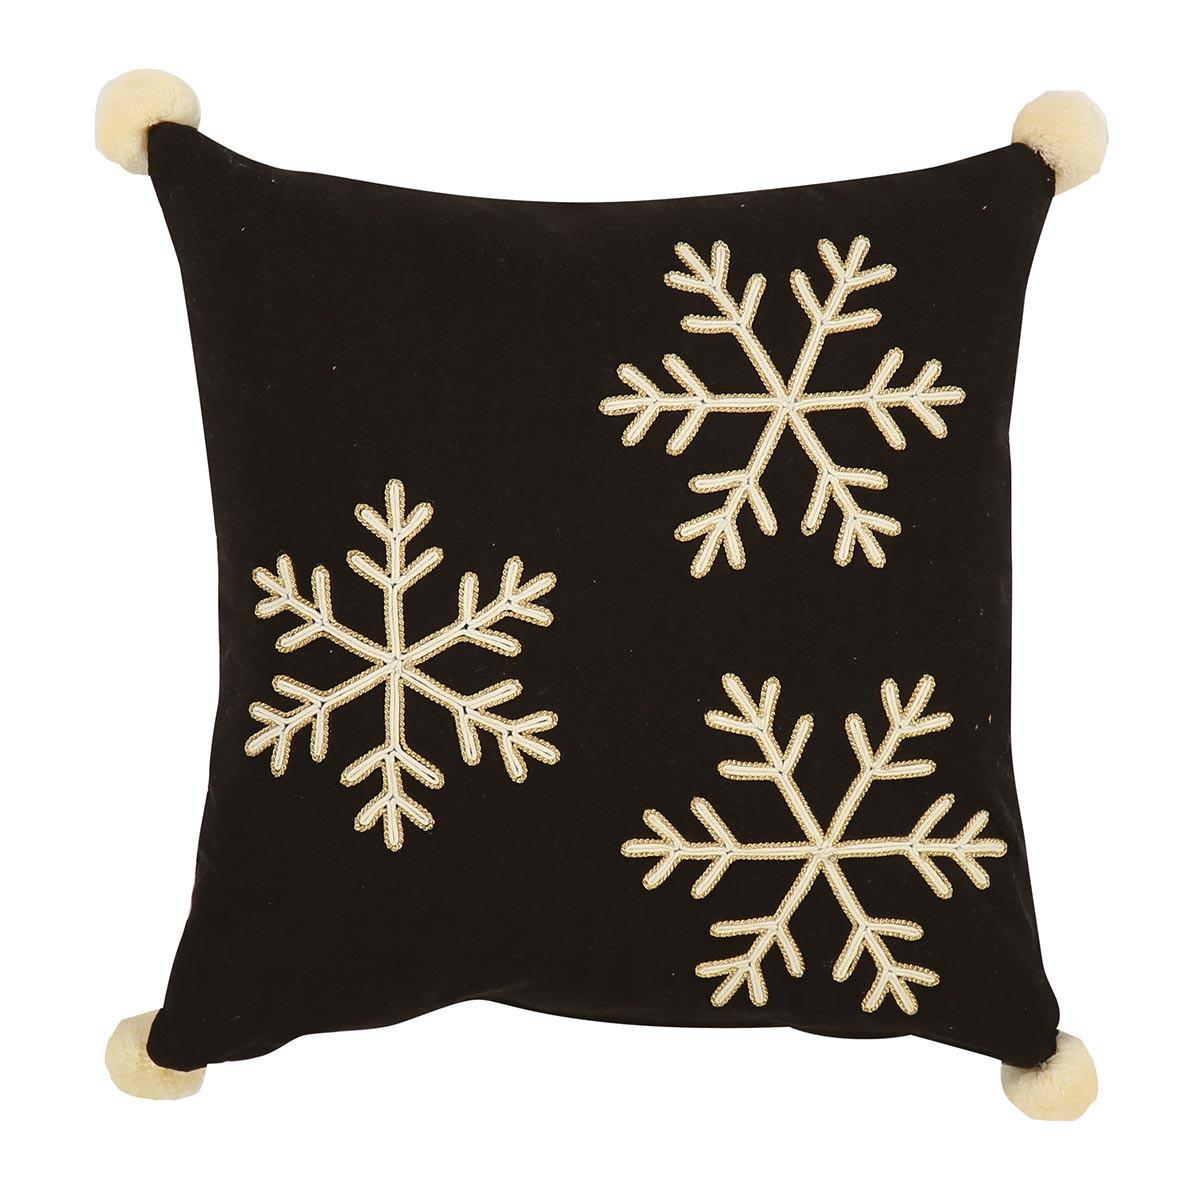 Χριστουγεννιάτικο Διακοσμητικό Μαξιλάρι Nef-Nef Merry Snowflakes